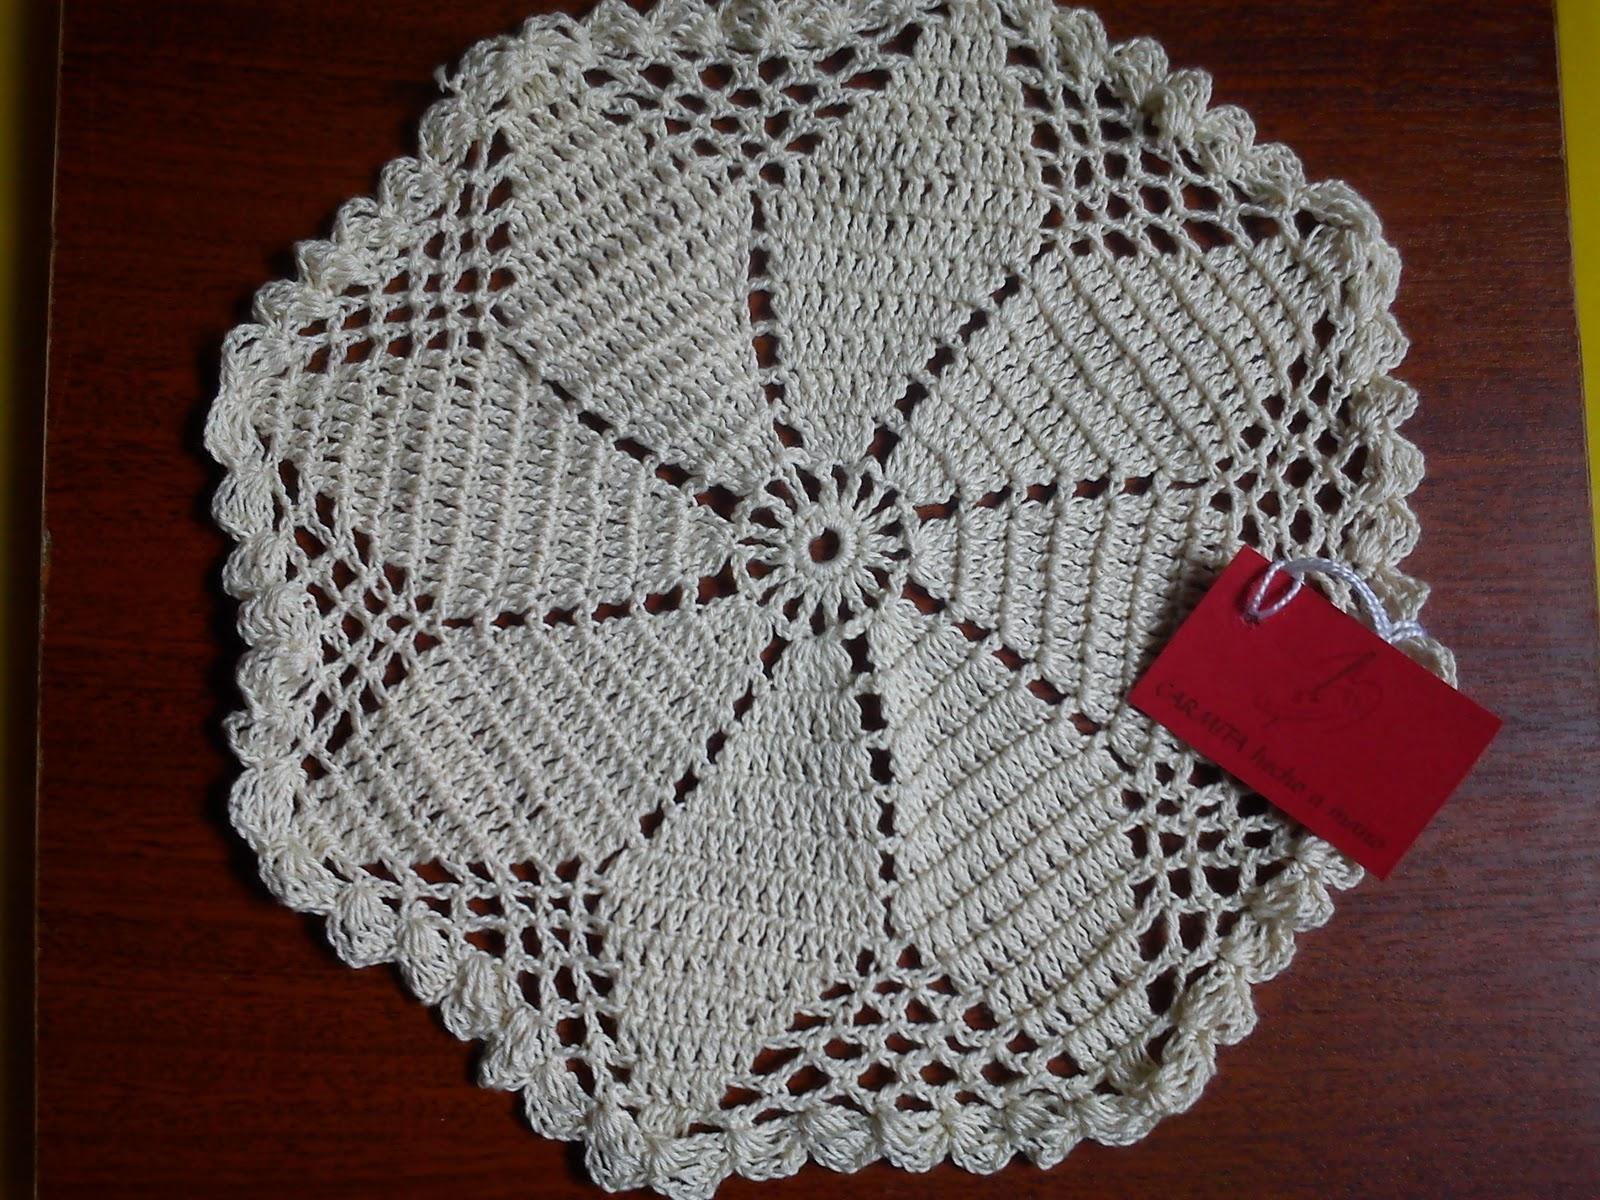 tejidos momentos tiernos tejer bordar coser pintar etc ventas de tapetes tejidos a crochet. Black Bedroom Furniture Sets. Home Design Ideas